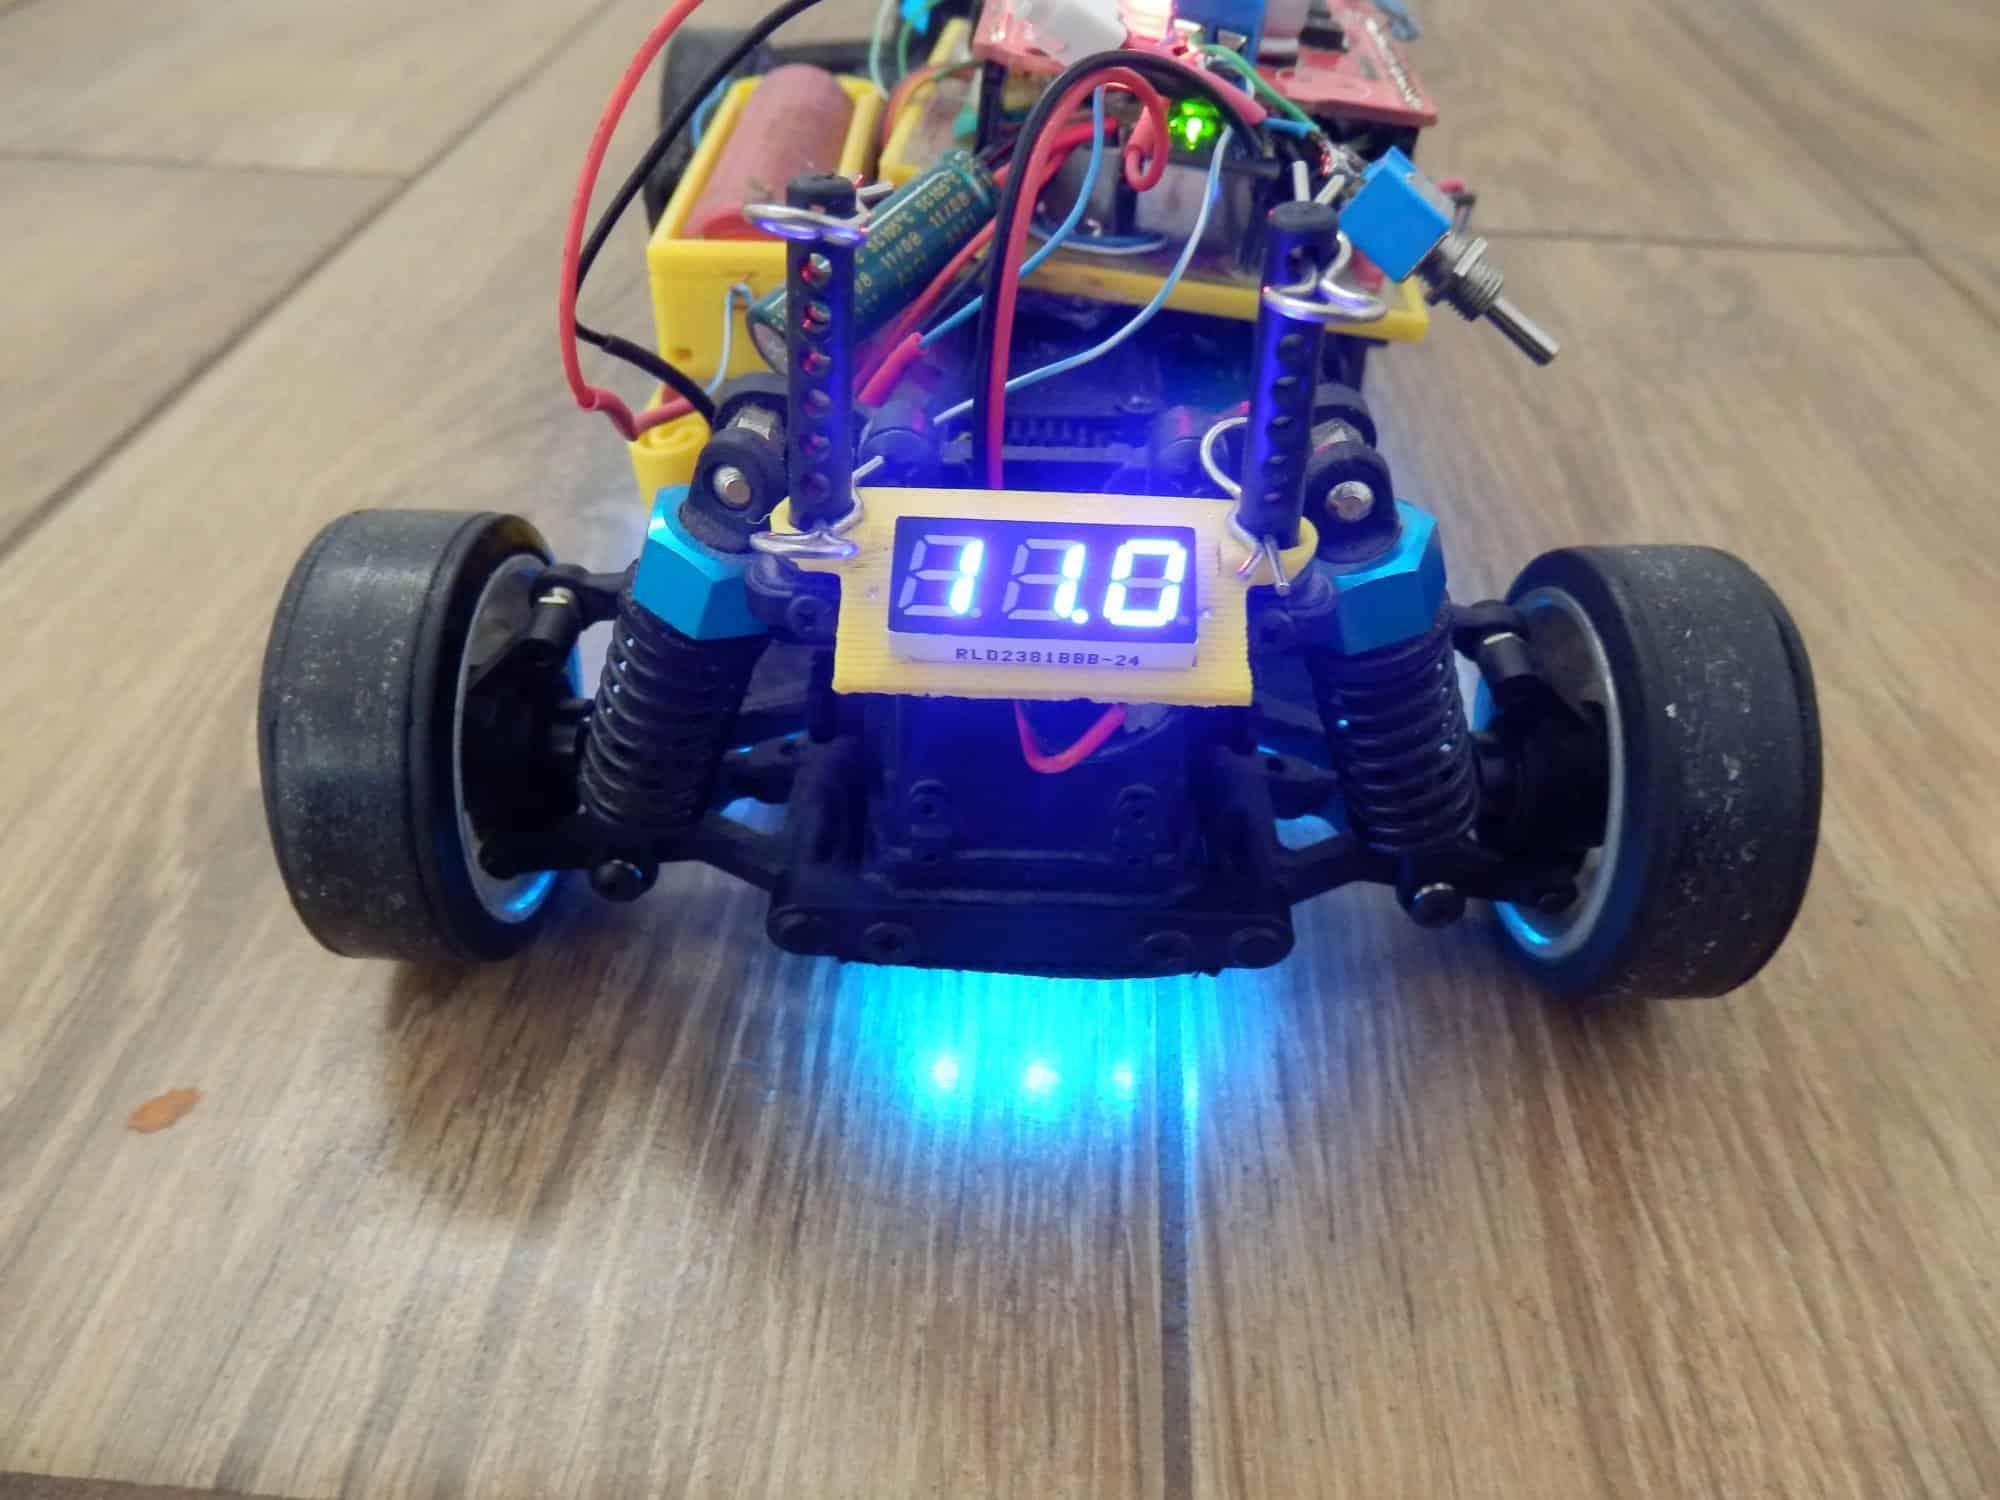 Proto - szybki robot freestyle